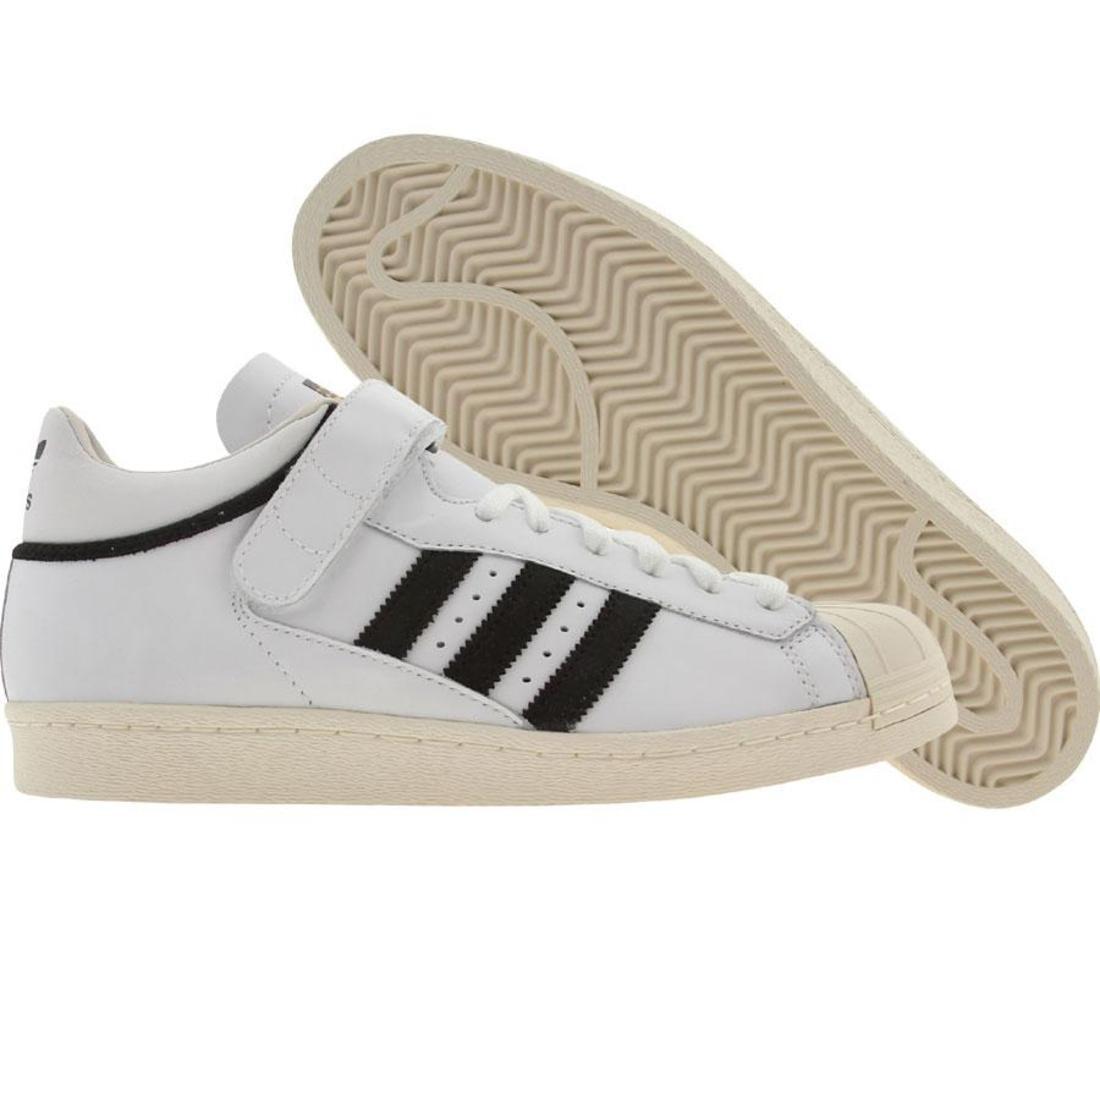 【海外限定】アディダス プロ シェル 黒 ブラック スニーカー メンズ靴 【 ADIDAS SHELL BLACK PRO WHITE CHALK 】